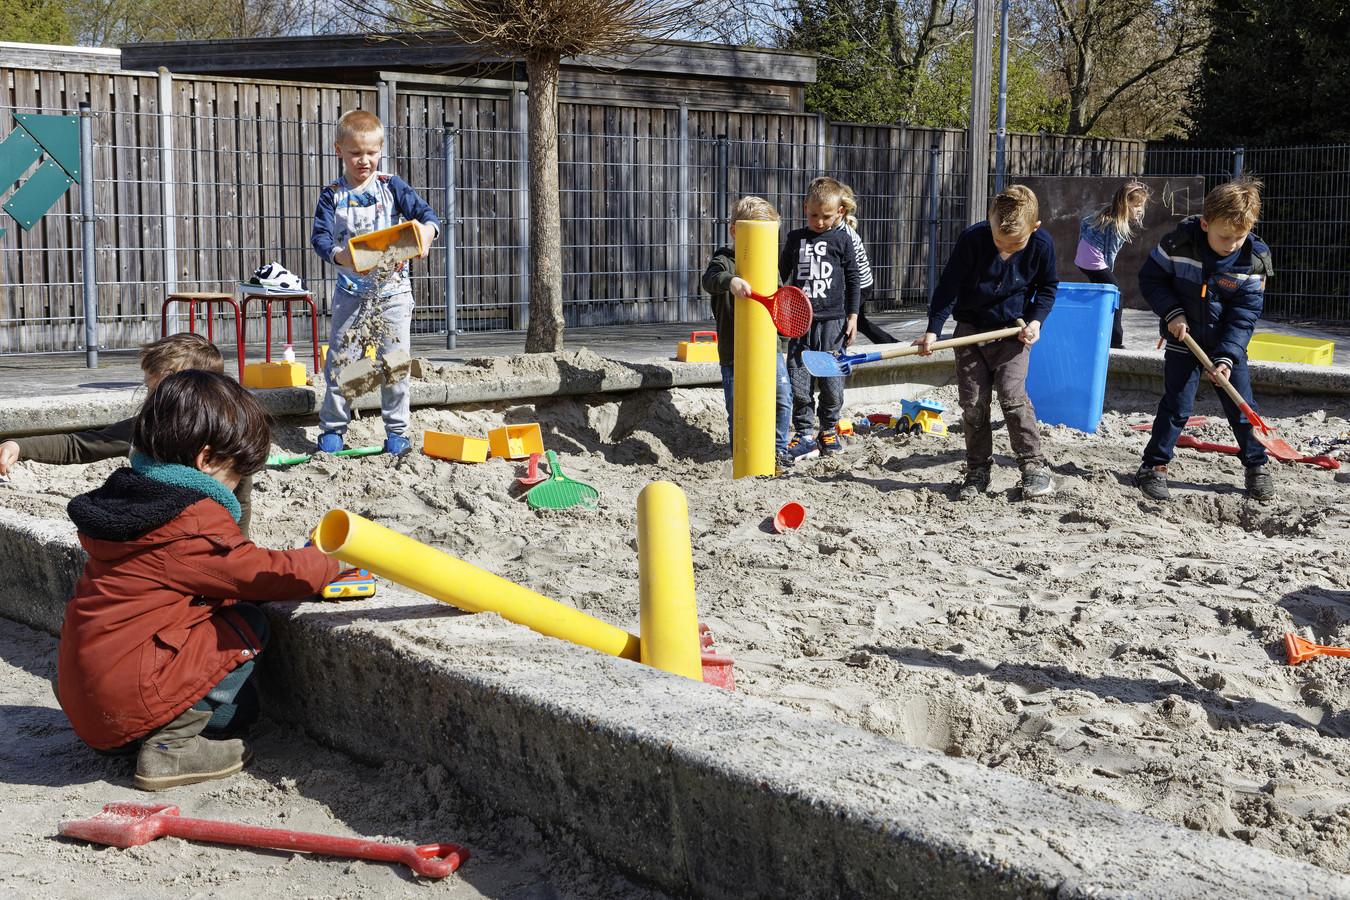 mariaschool vinkel spelen leren buitenspeeldag